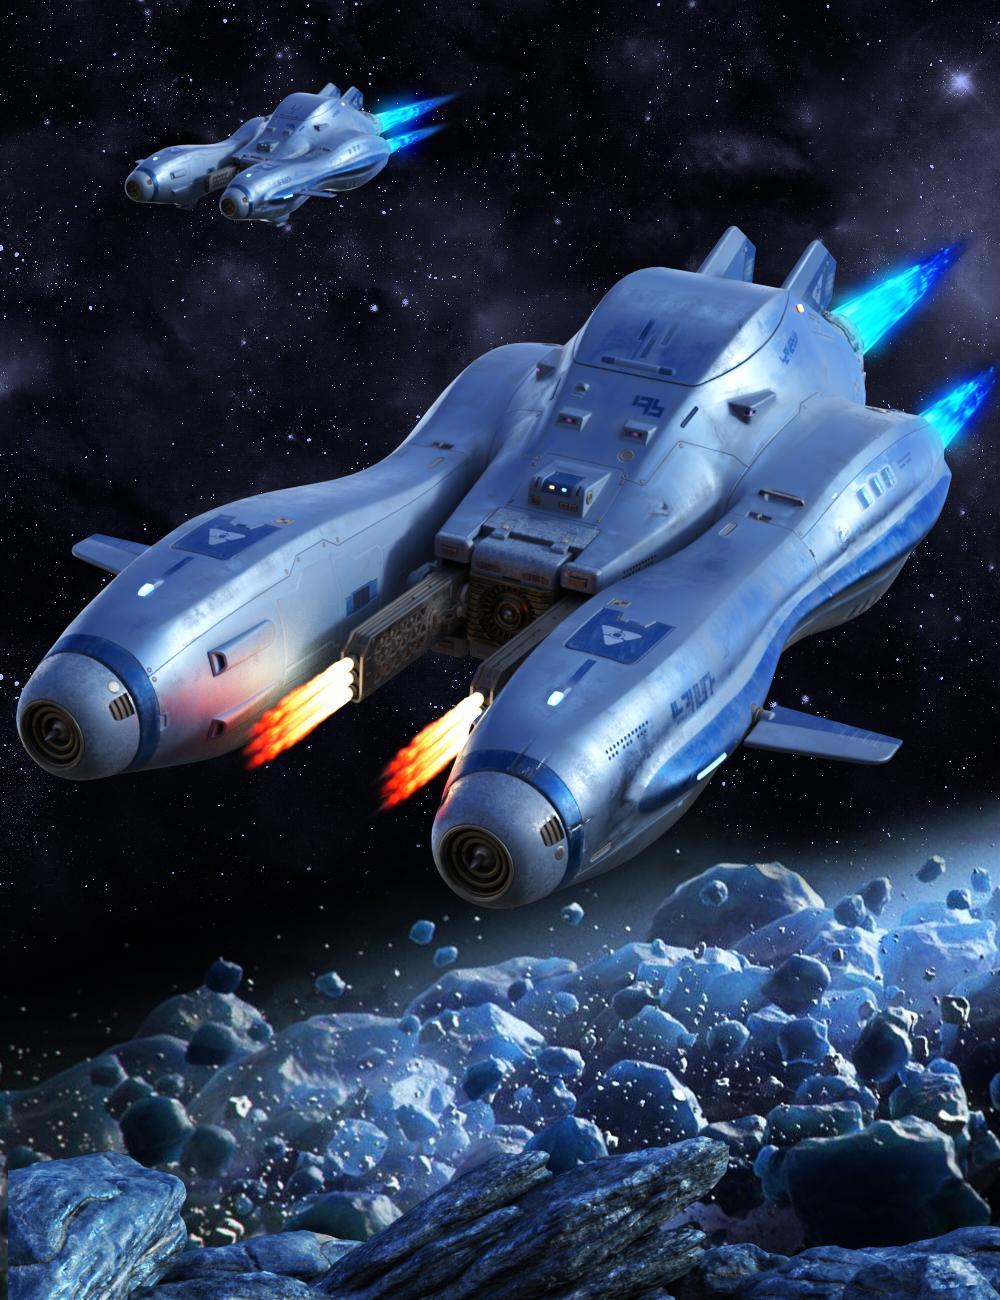 Sci-fi Artifact Jet by: petipet, 3D Models by Daz 3D